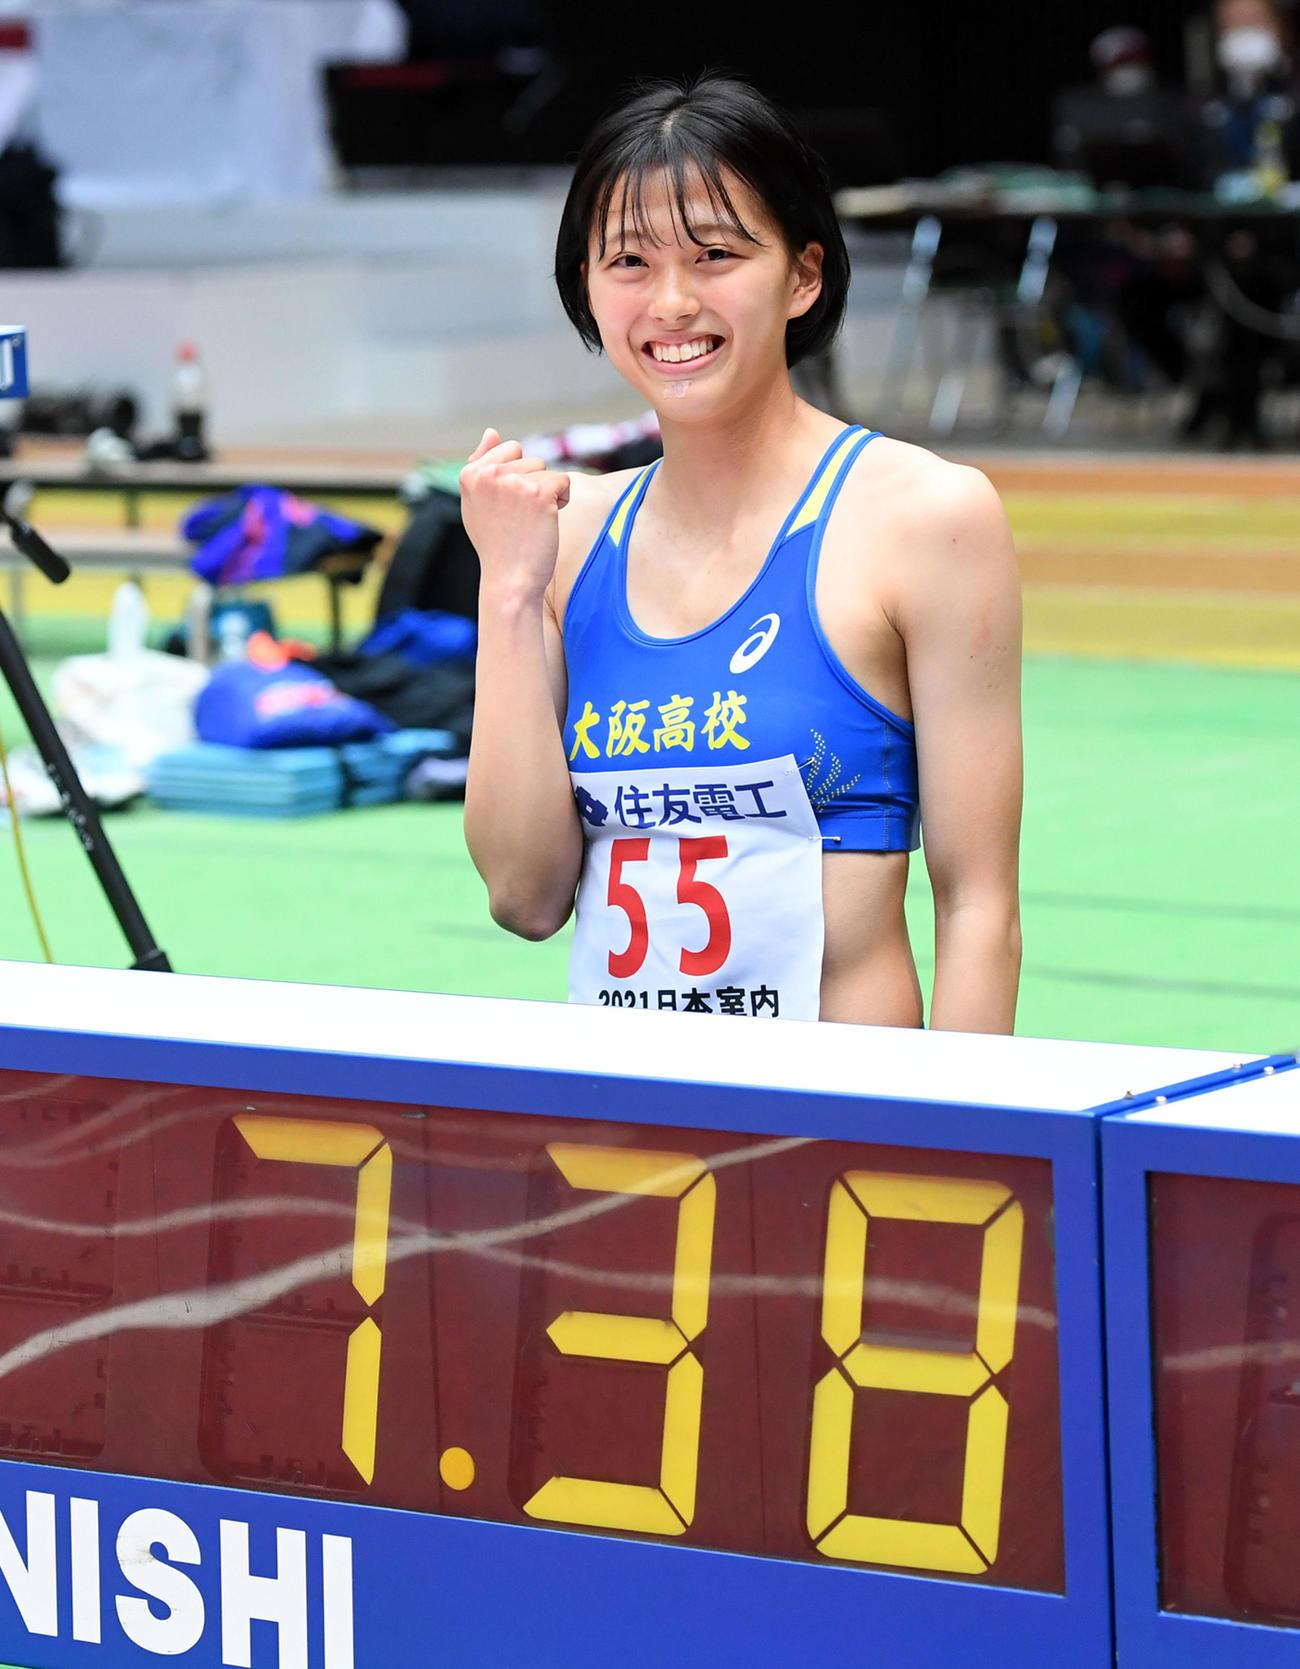 女子U20・60メートルでU20室内日本新で優勝、記録の掲示板の前で笑顔を見せる青山(撮影・前岡正明)